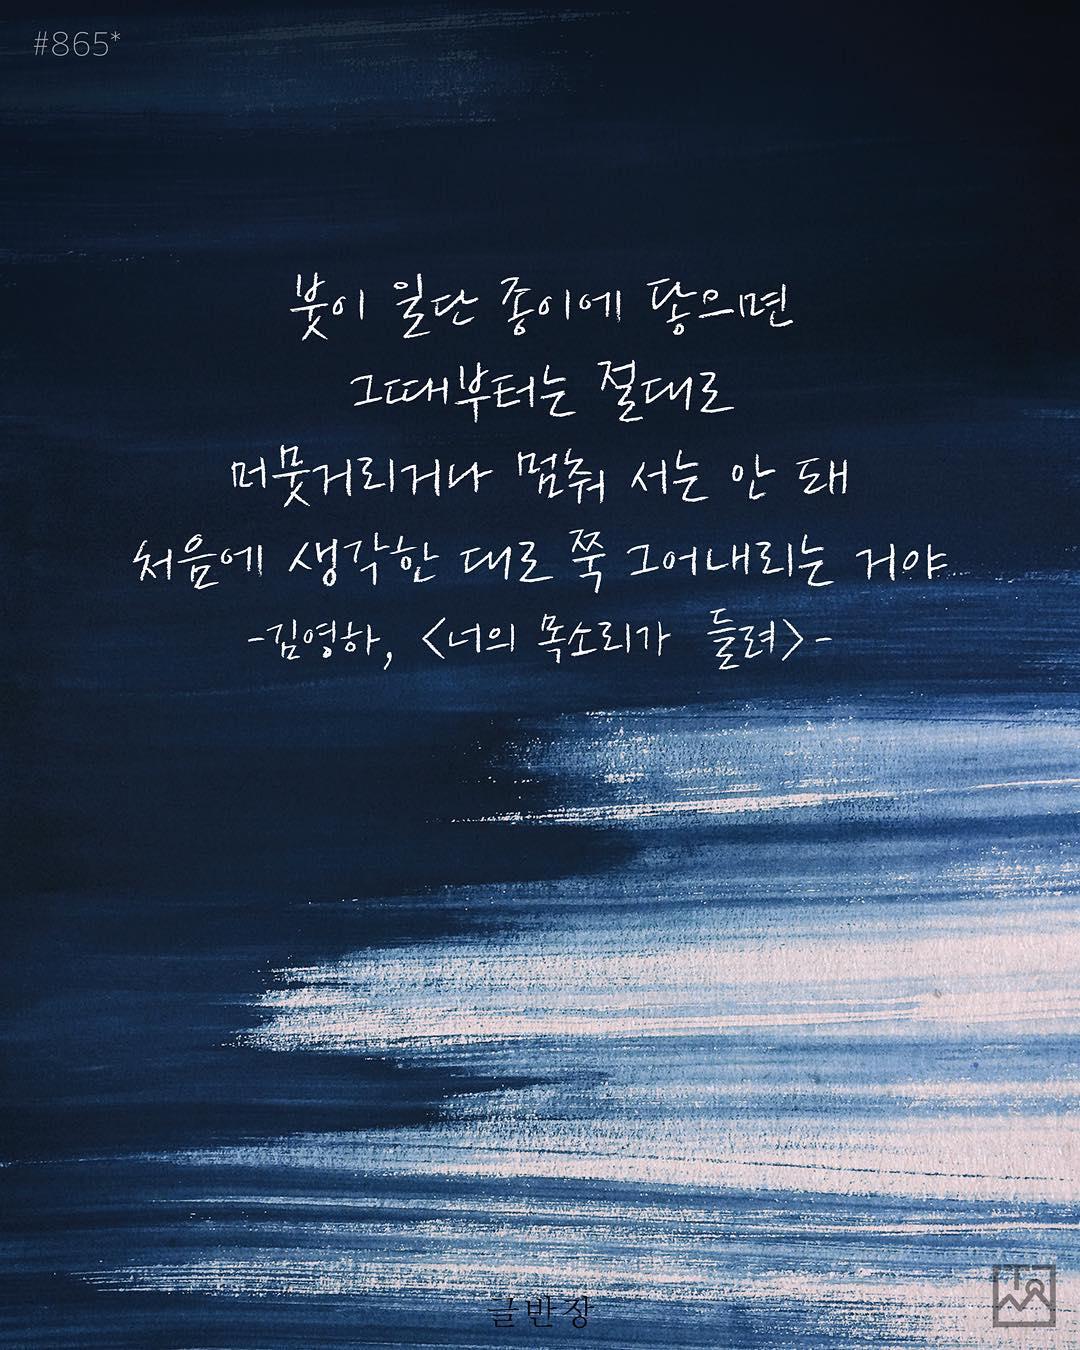 머뭇거리거나 멈춰 서는 안 돼 - 김영하, <너의 목소리가 들려>